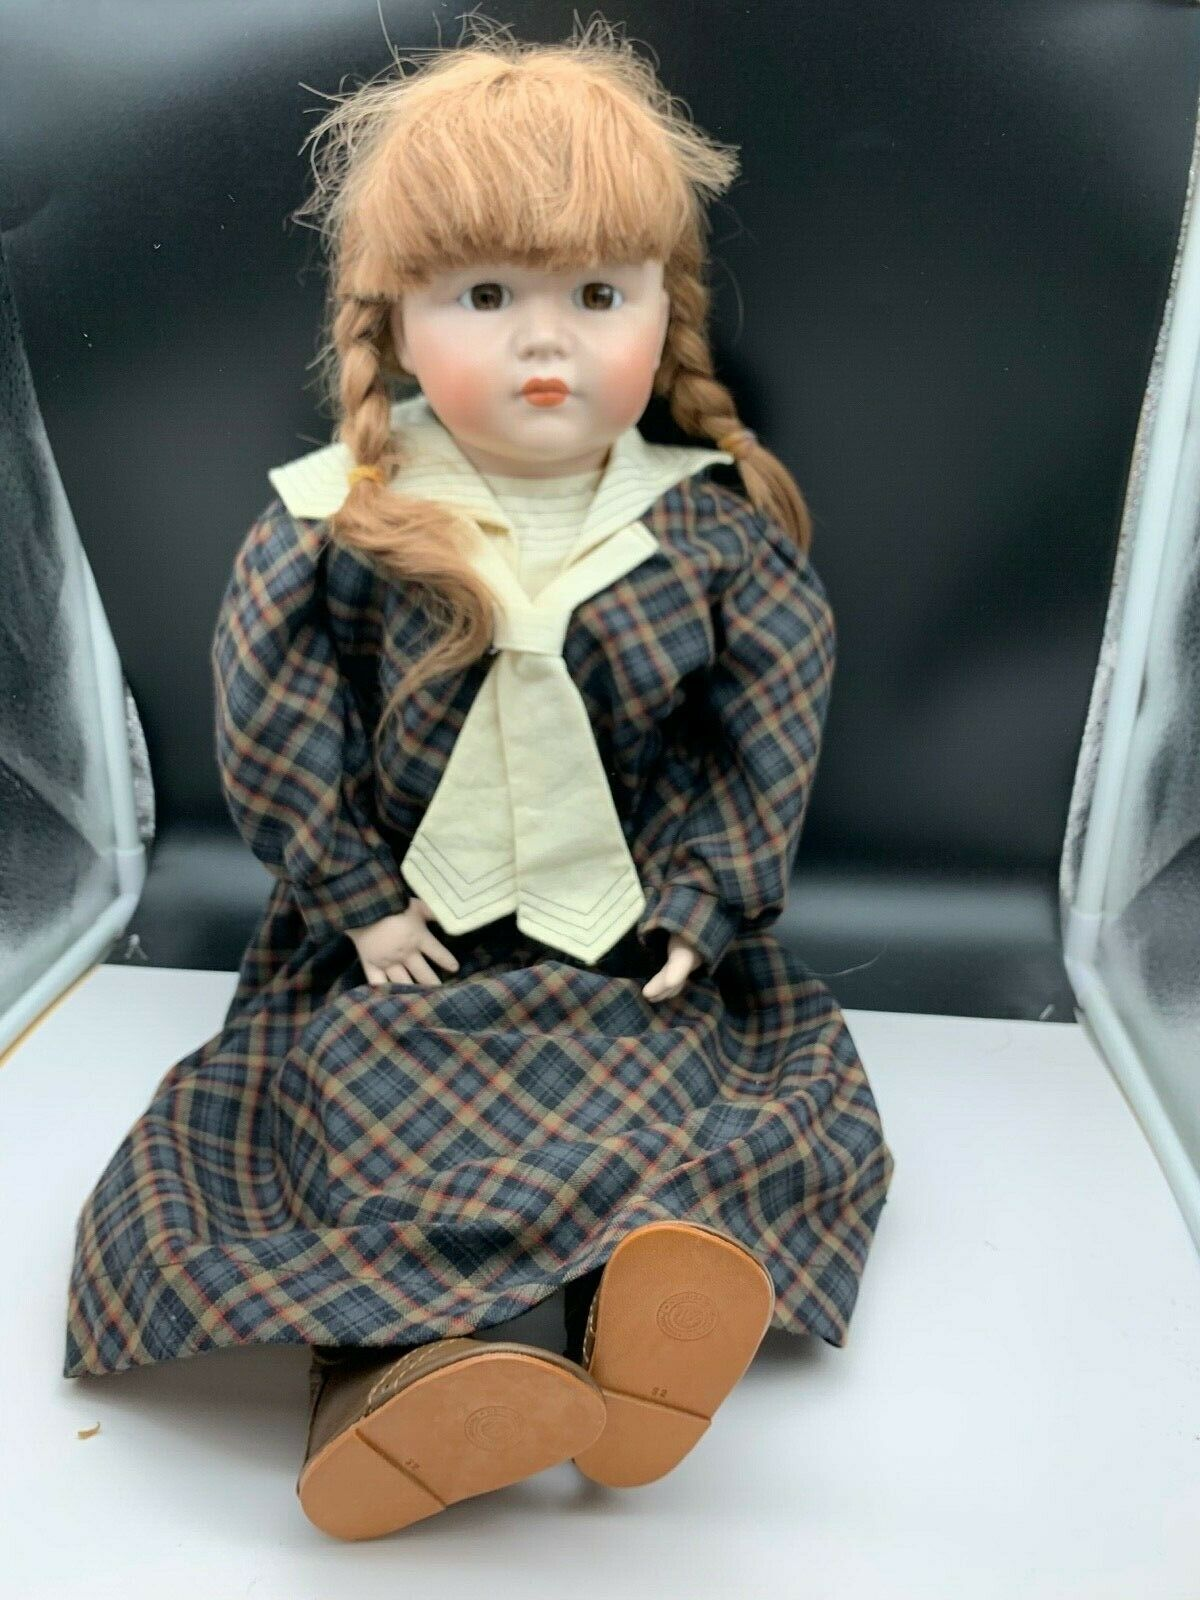 Bambola con Testa di Porcellana D'Autore 65 Cm. Ottime Condizioni (Vedi Foto)